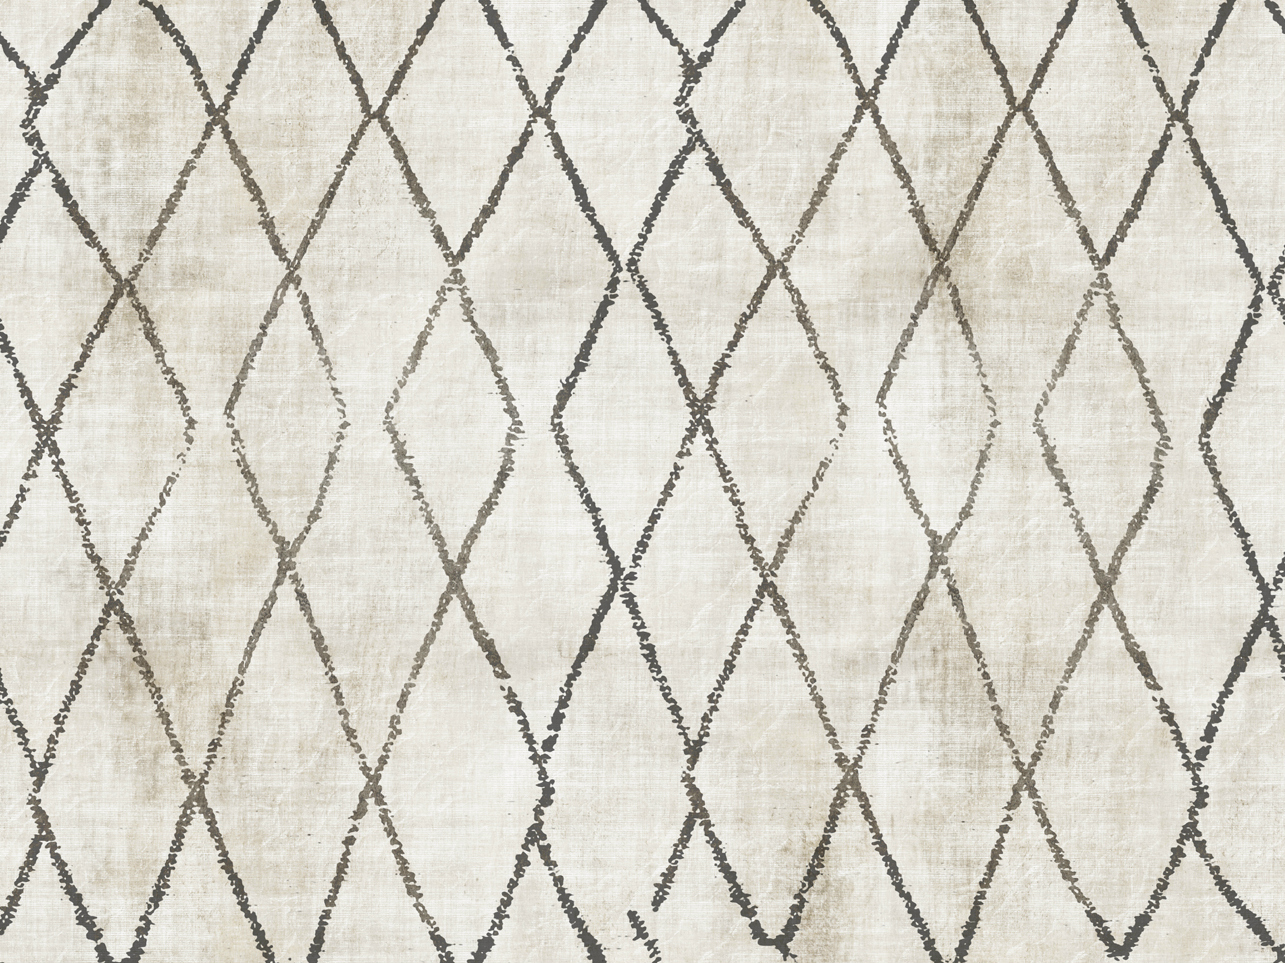 Papier peint motifs g om triques signorina by wall dec design christia - Papier peint motifs geometriques ...